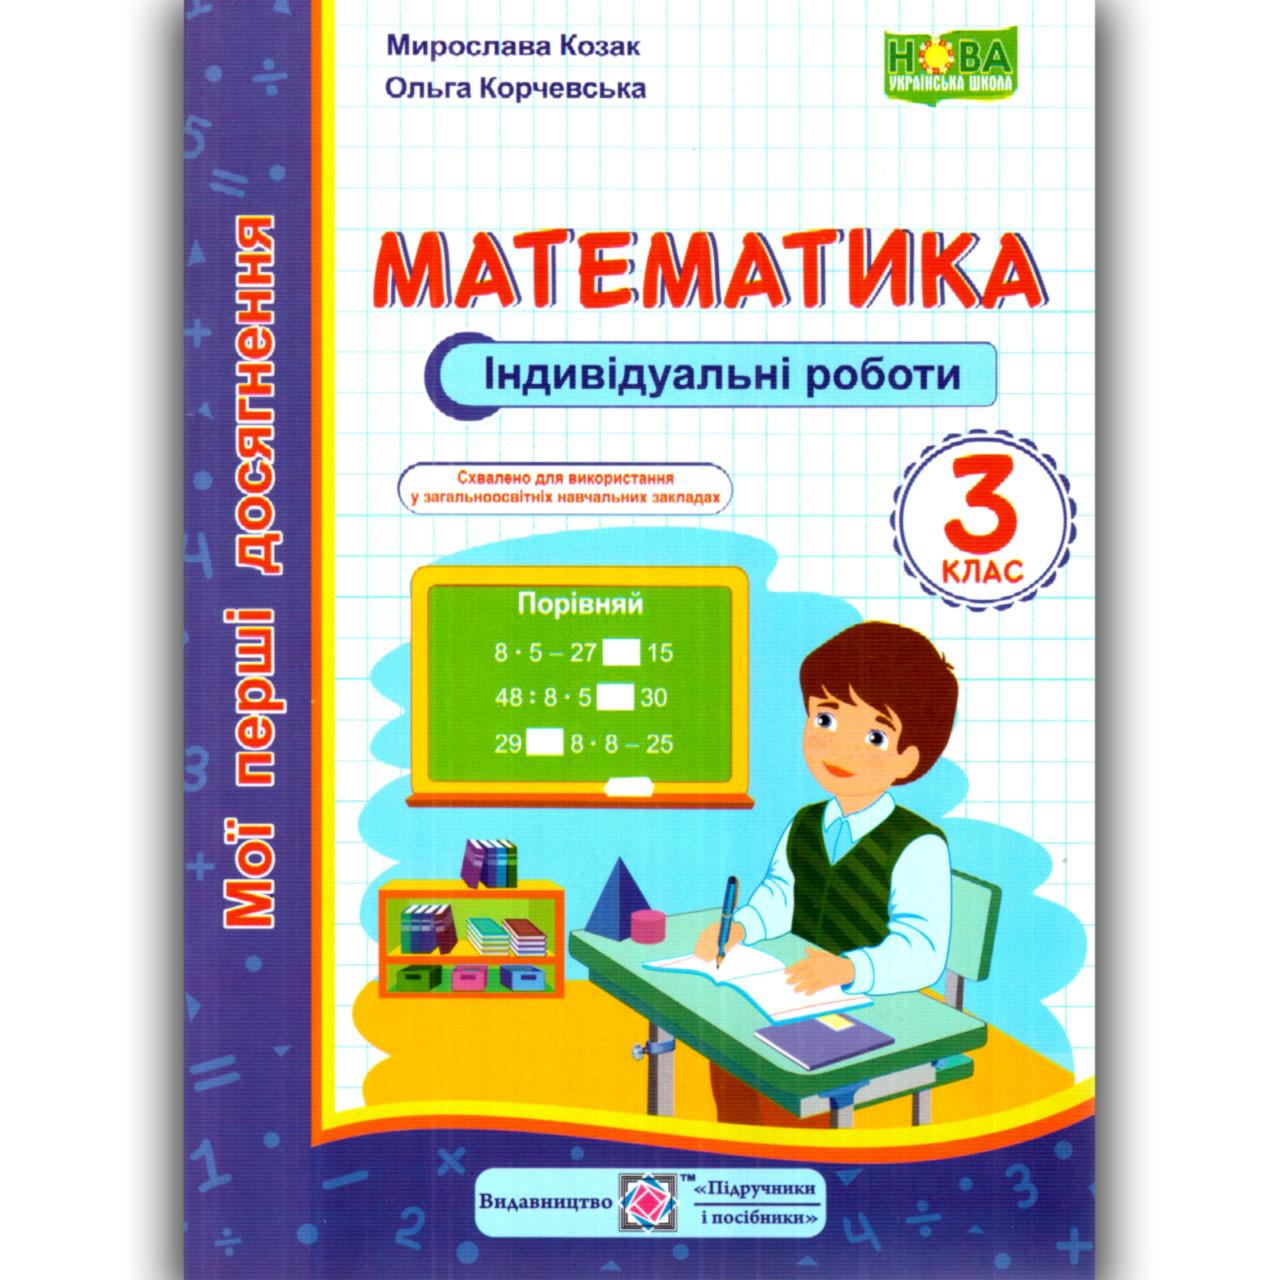 Індивідуальні роботи Математика 3 клас Авт: Козак М. Вид: Підручники і Посібники